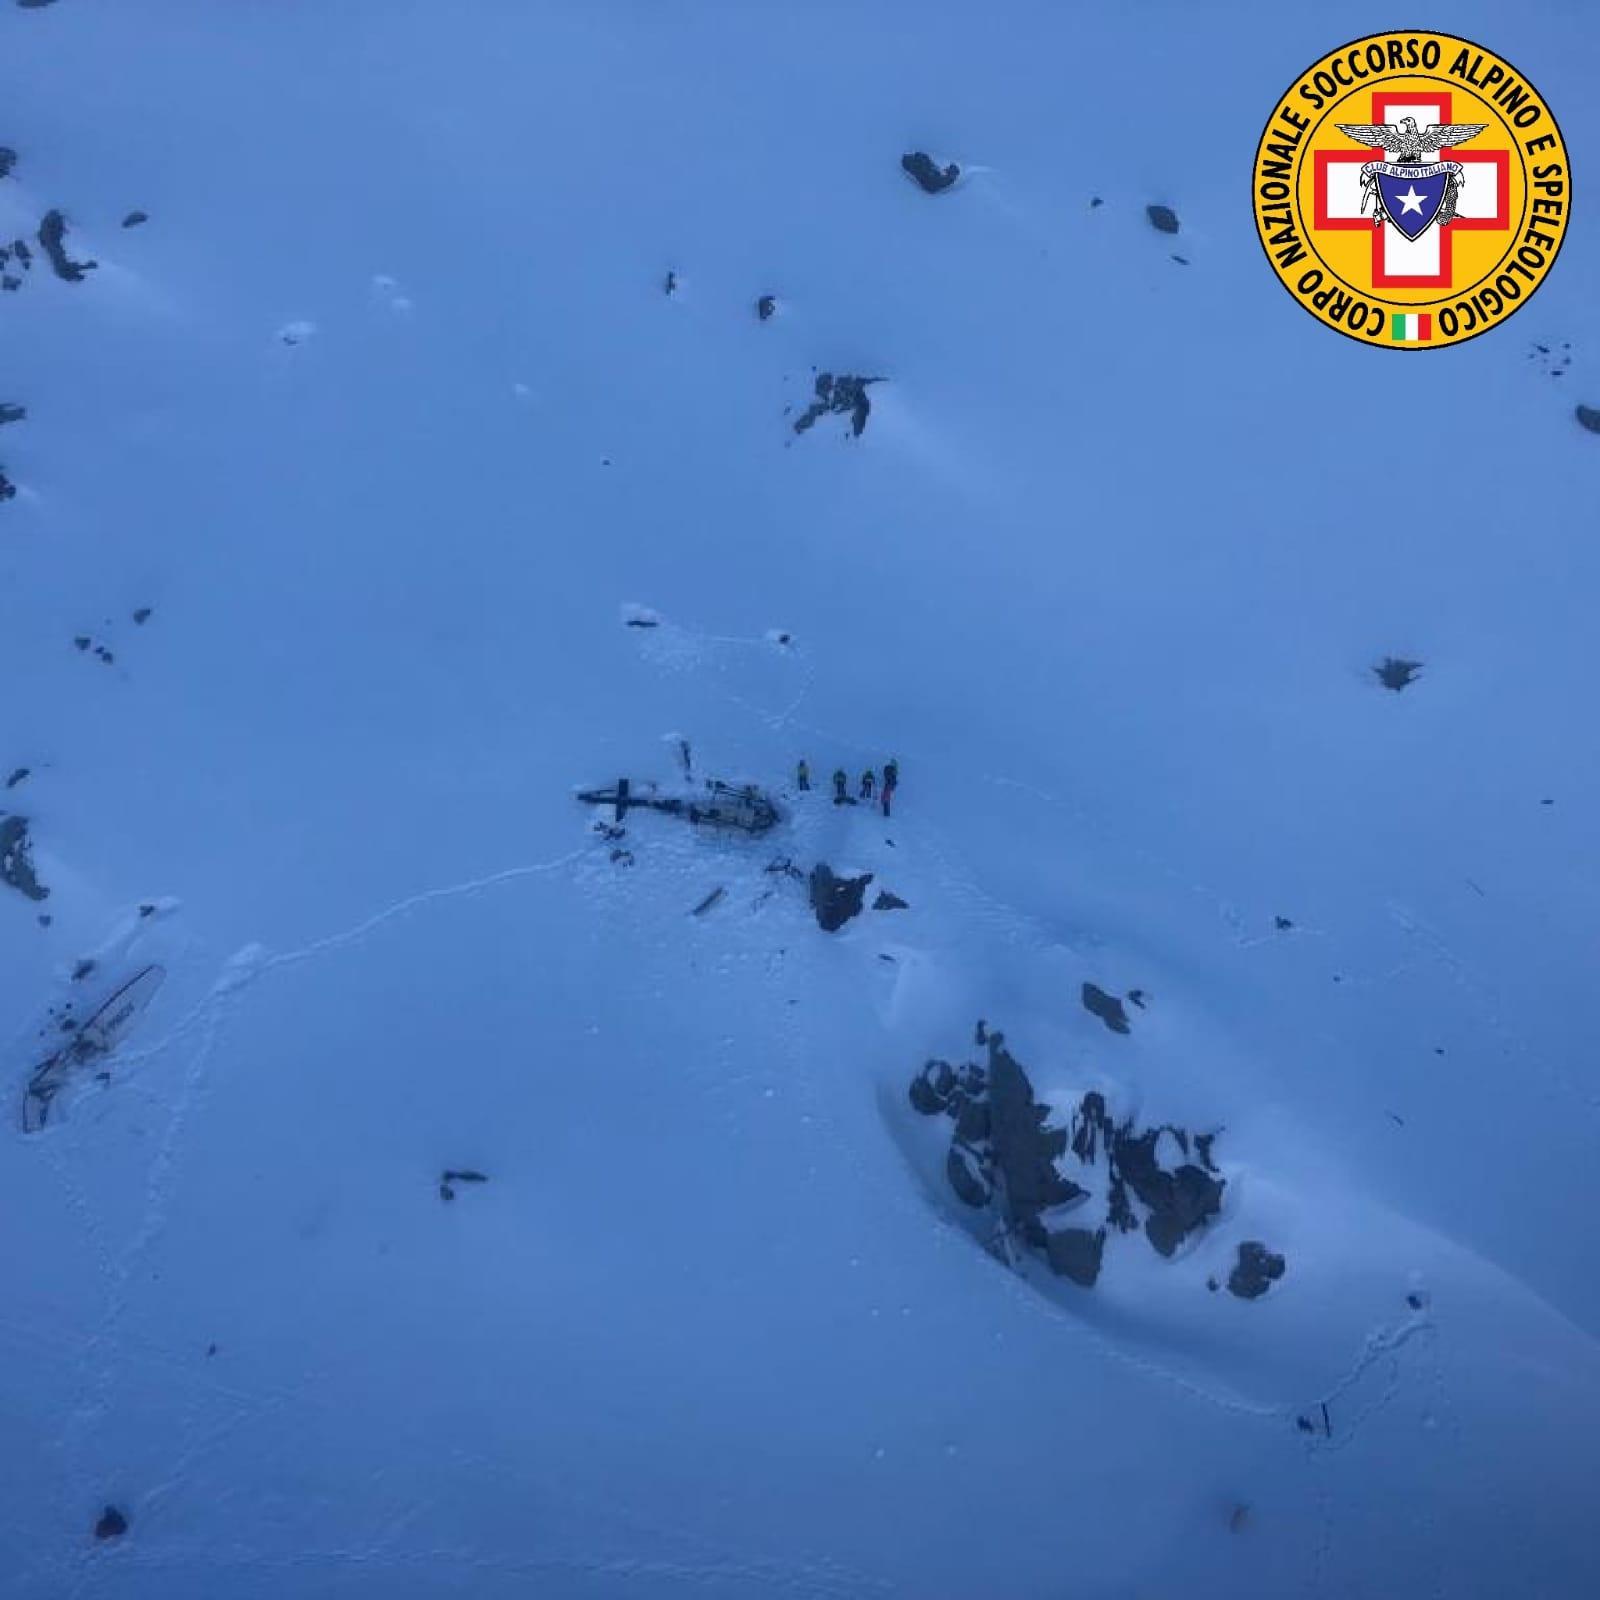 Incidente aereo in Val d Aosta: le vittime e il luogo dell impatto